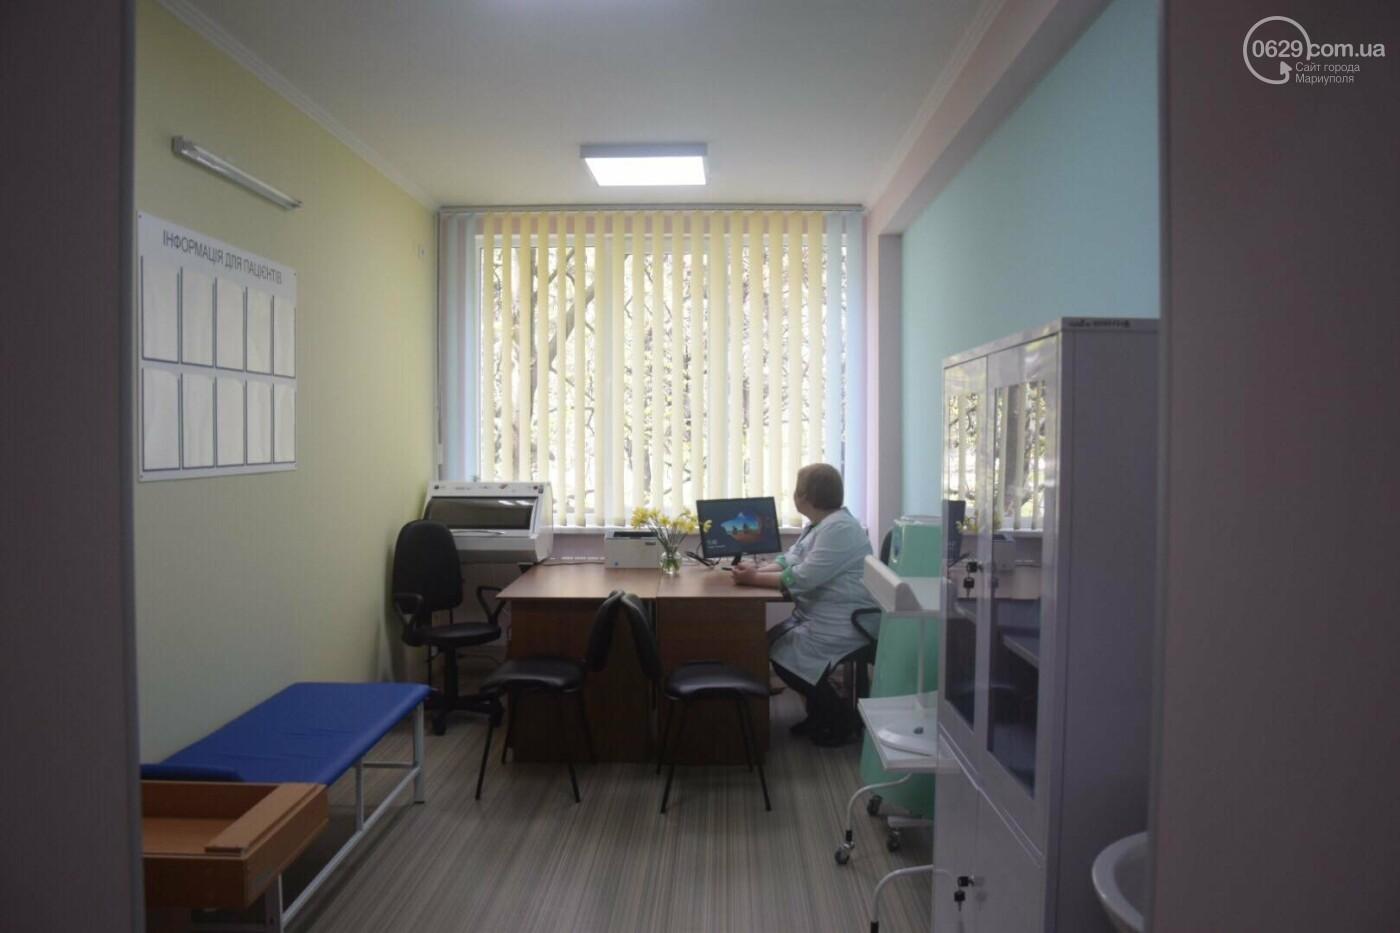 В Мариуполе Владимир Гройсман открыл детскую поликлинику и познакомился с Сережей, - ФОТОРЕПОРТАЖ, ВИДЕО, фото-22